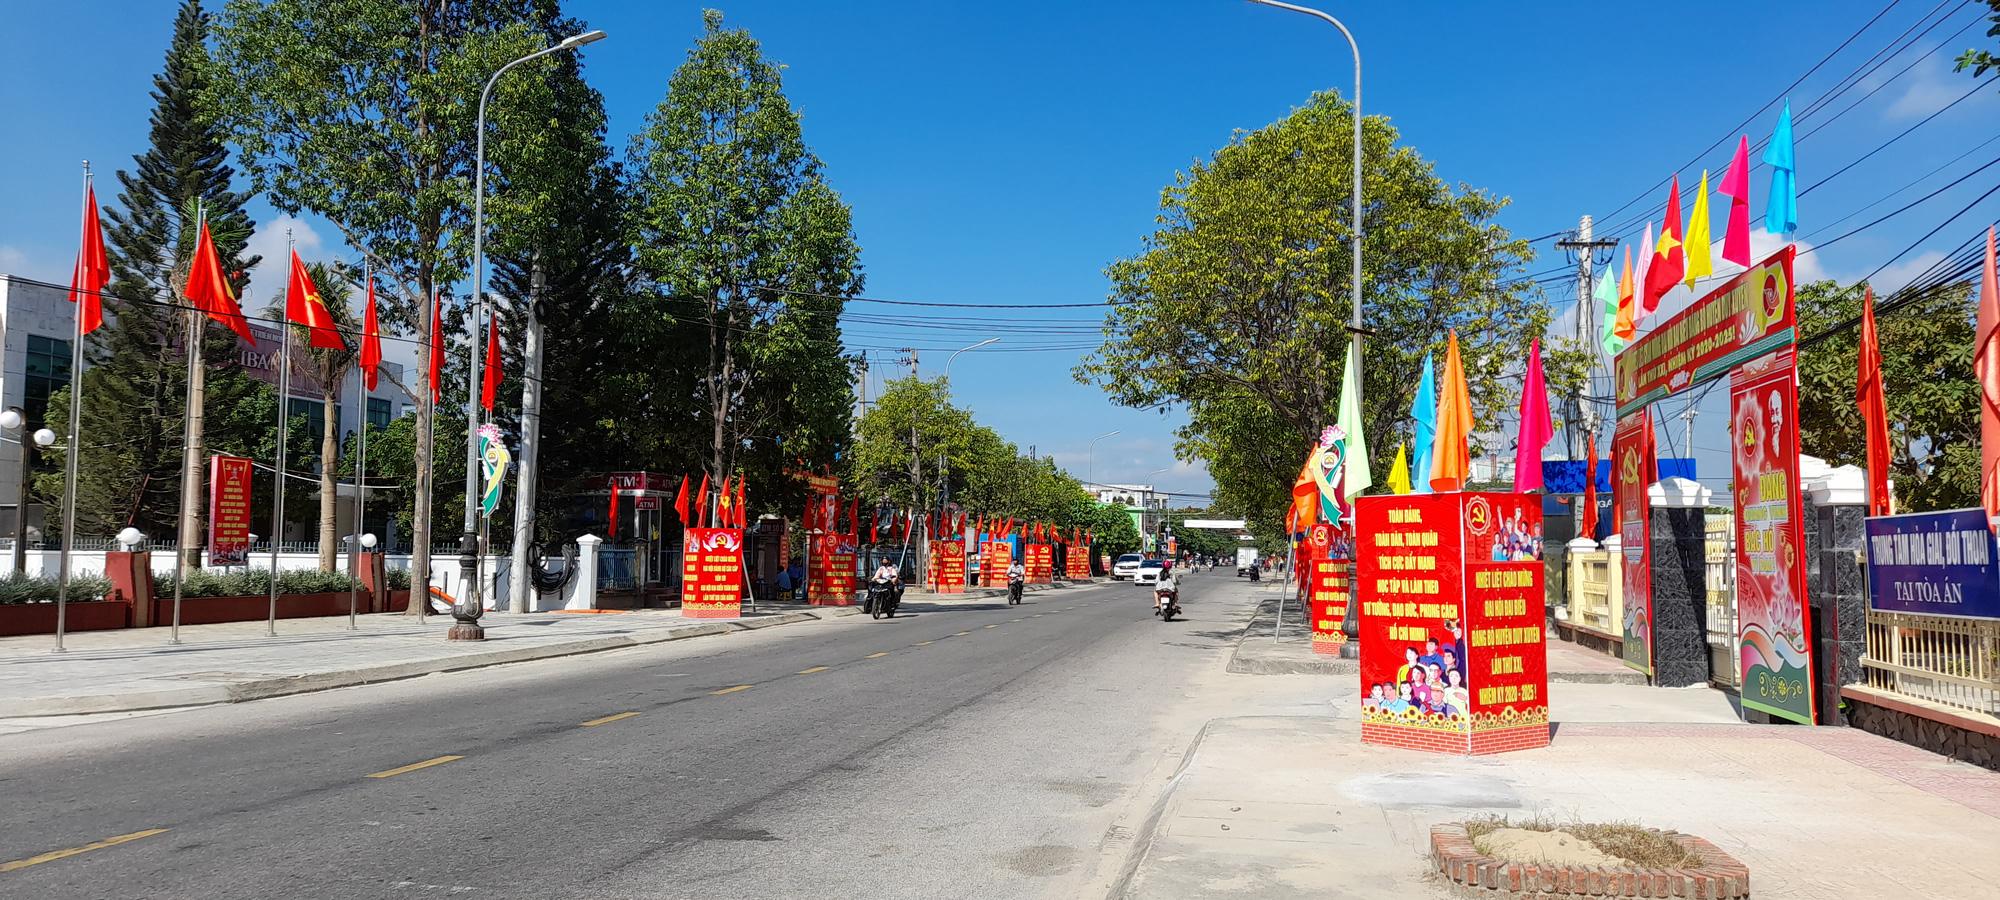 Quảng Nam đề nghị Trung ương công nhận huyện Duy Xuyên đạt chuẩn nông thôn mới - Ảnh 2.